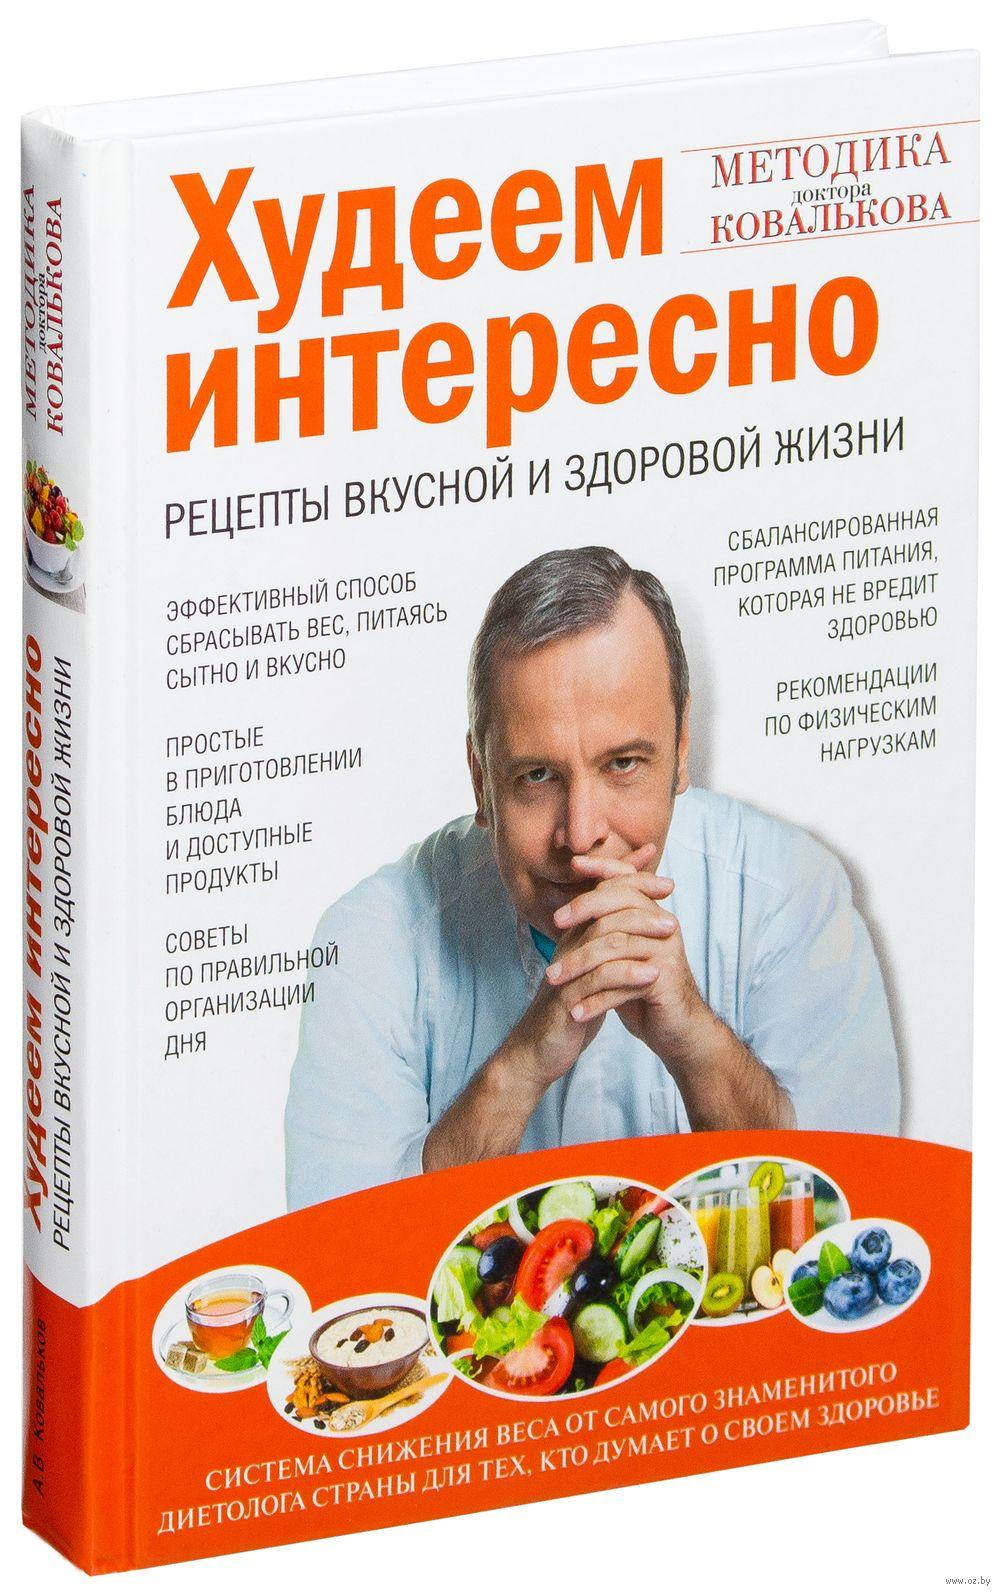 http://s5.goods.ozstatic.by/1000/888/340/10/10340888_0.jpg